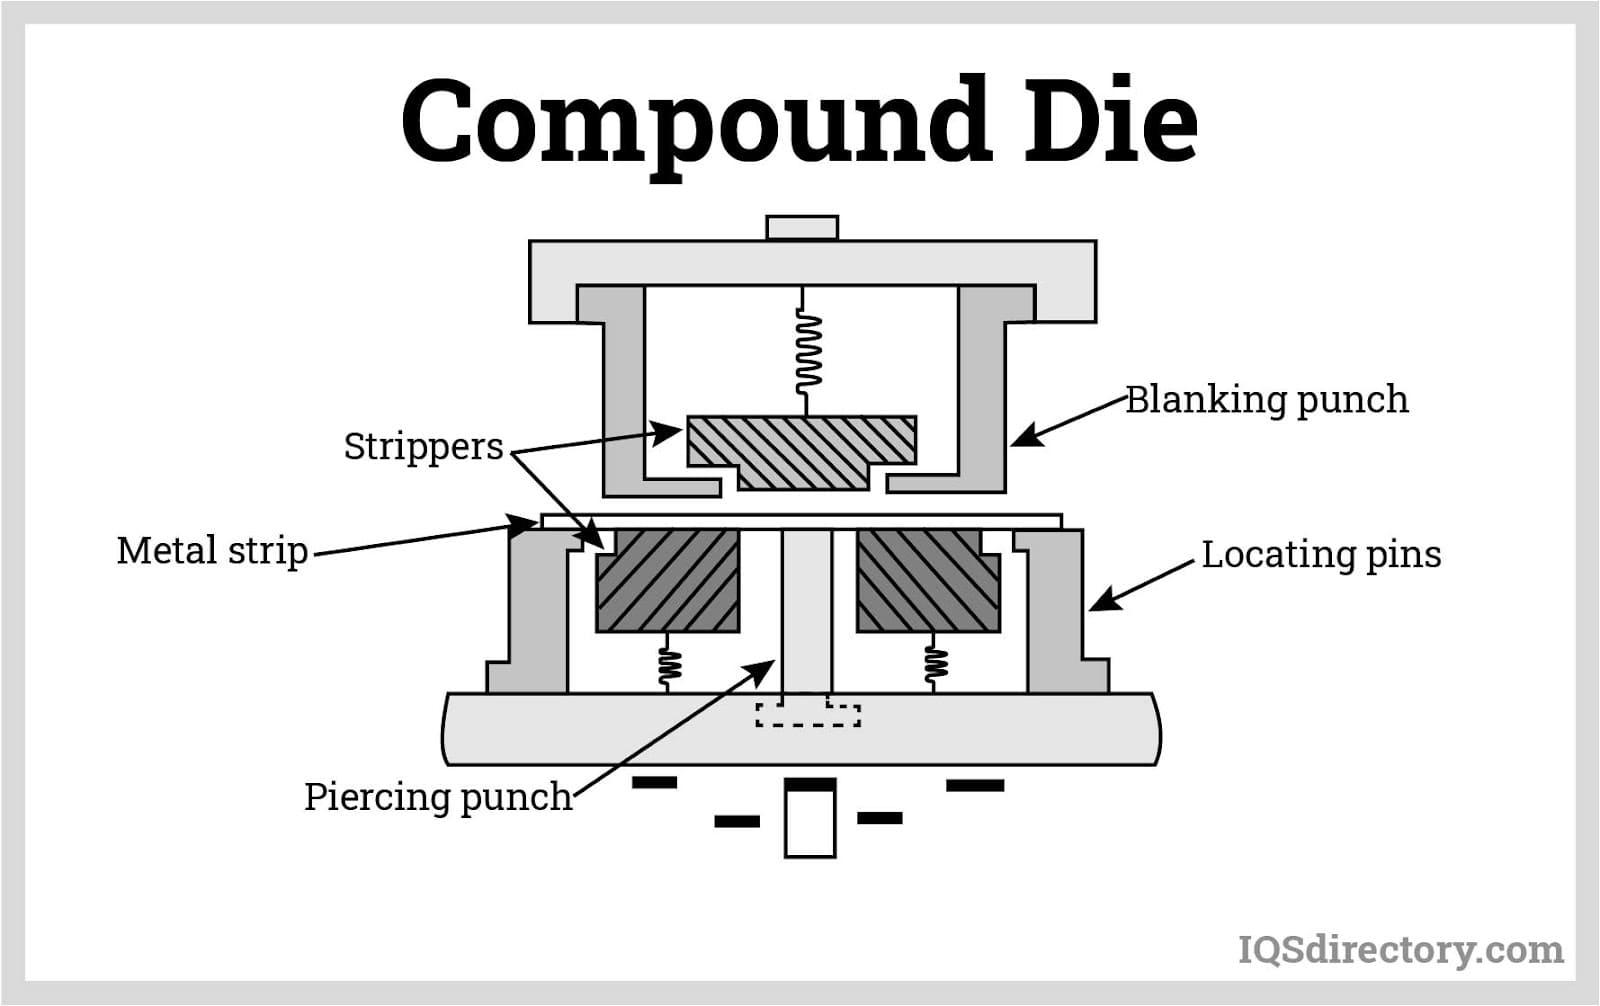 Compound Die